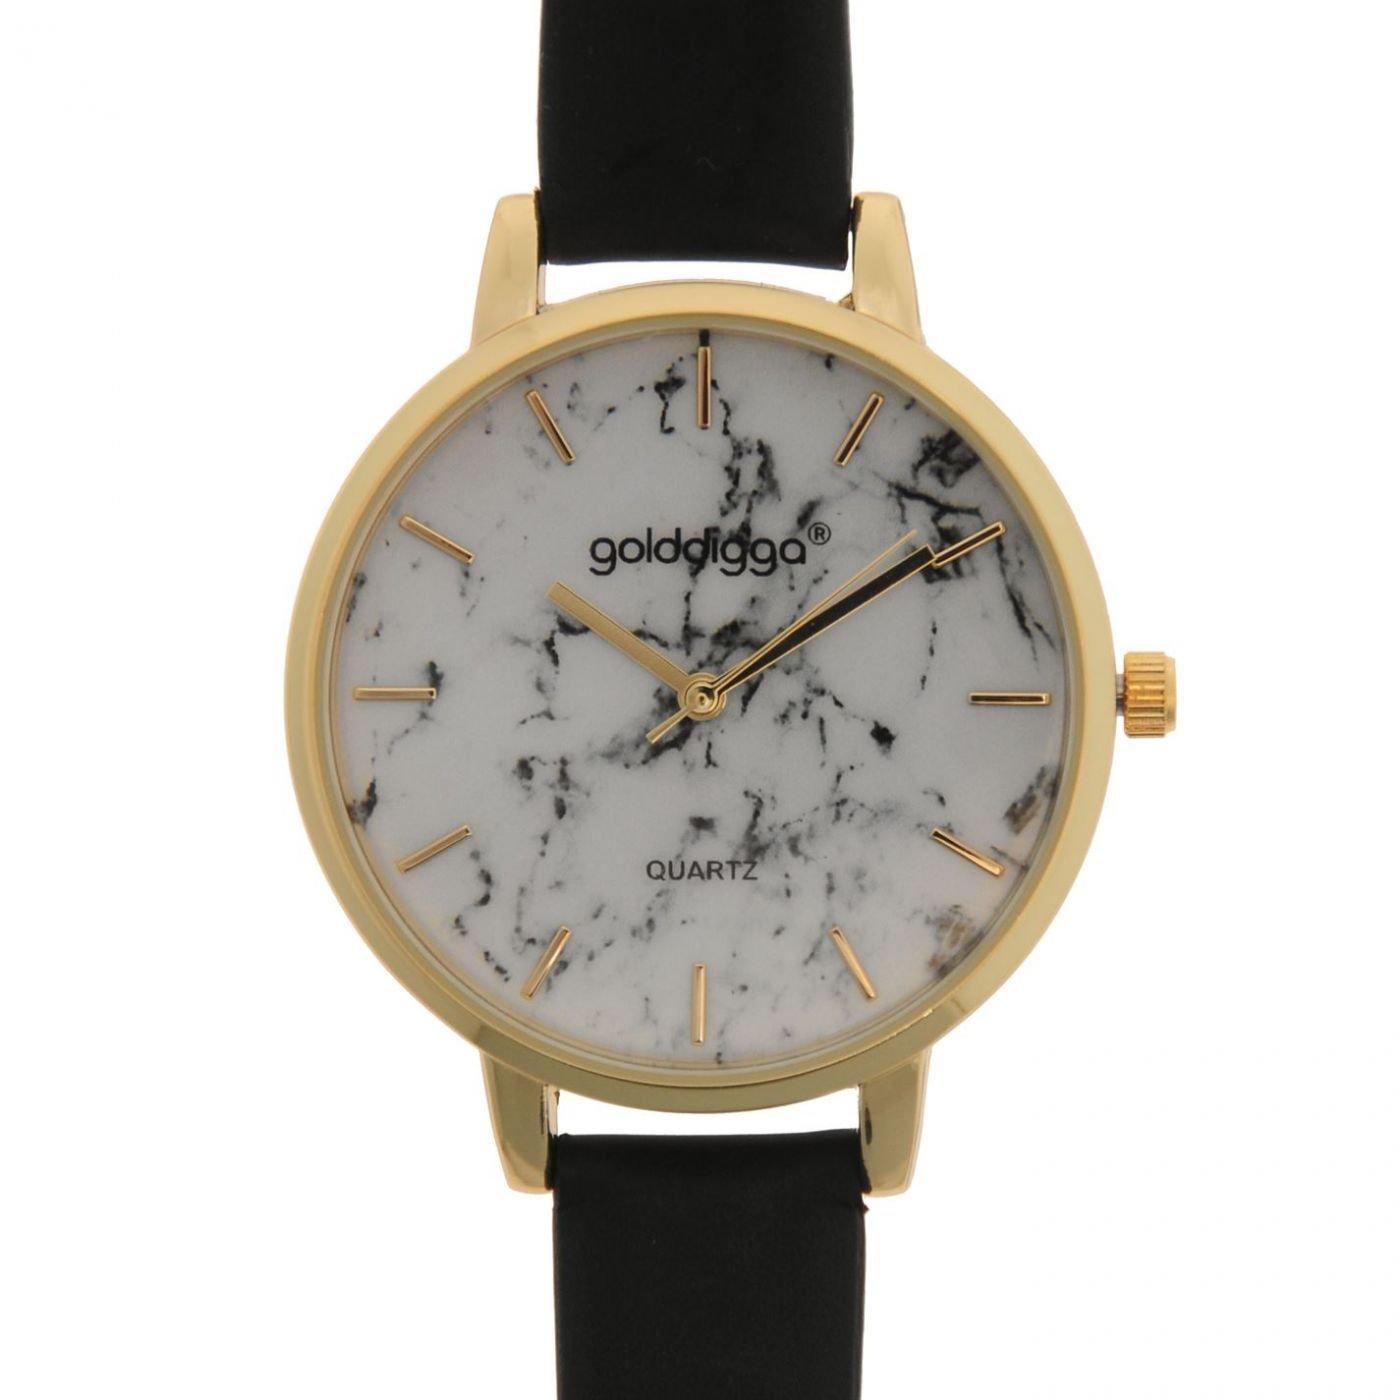 Golddigga Quartz Marble Watch Ladies